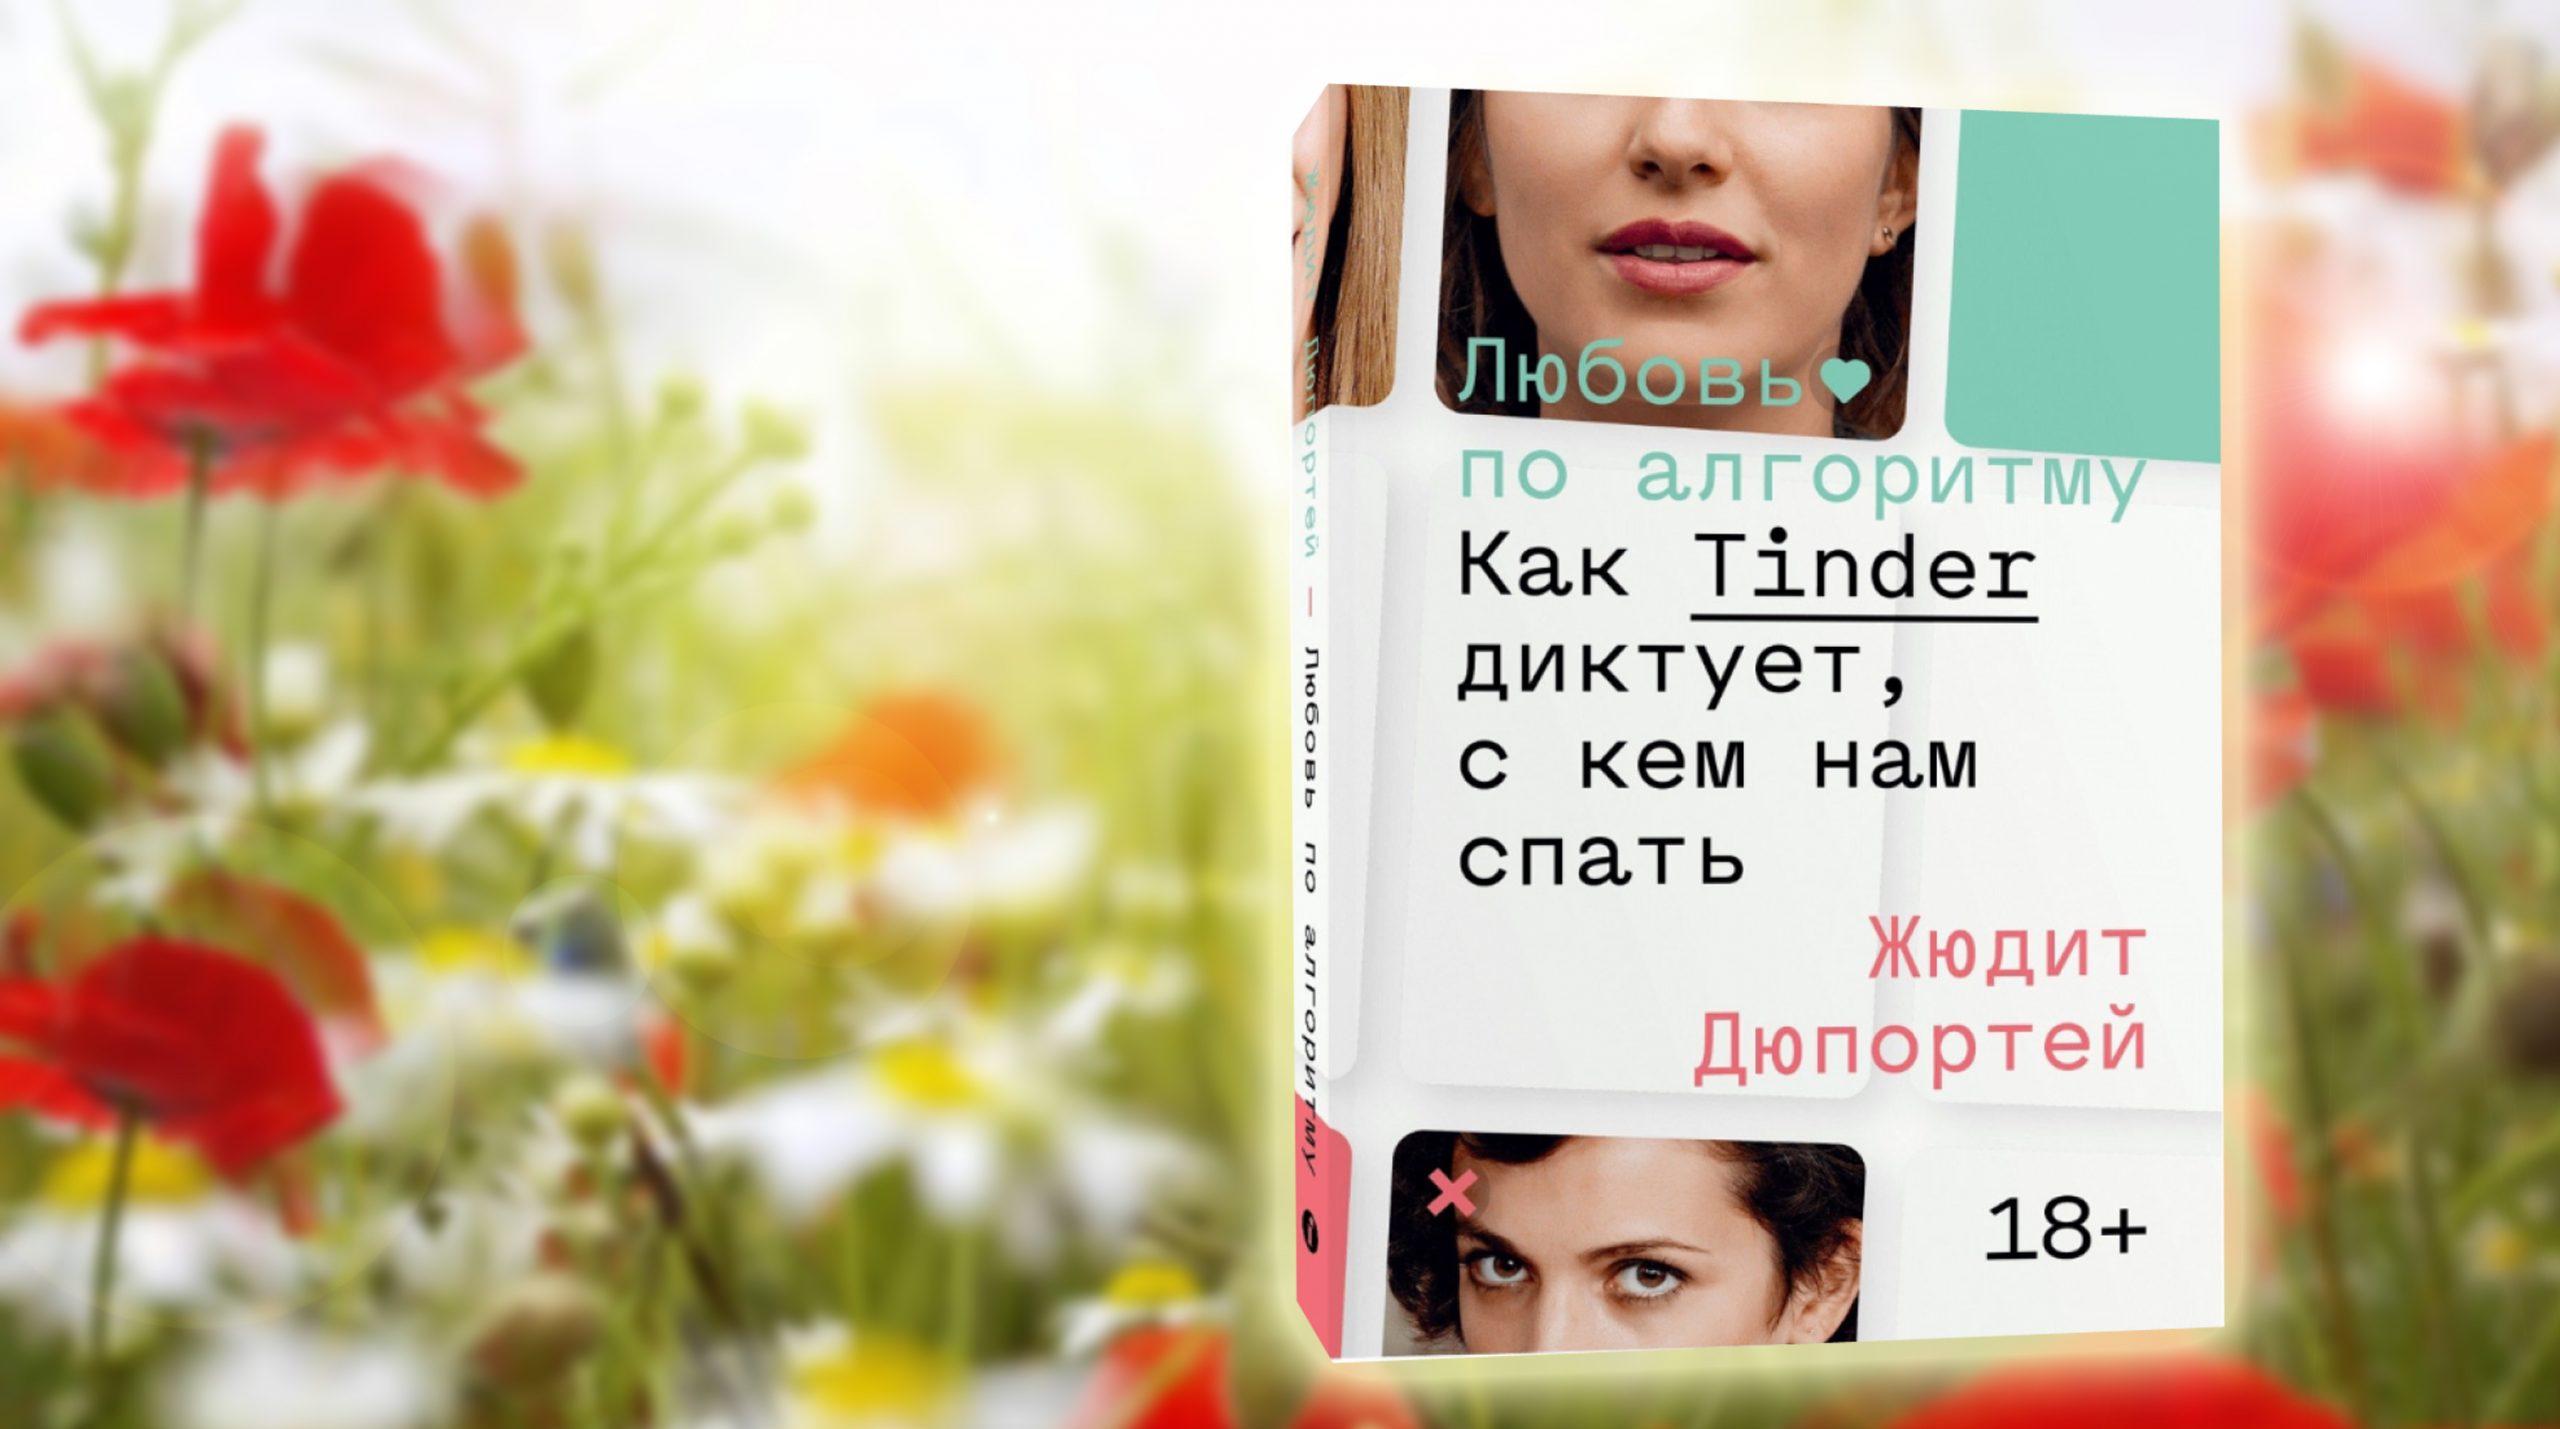 Книга, Любовь по алгоритму, Жюдит Дюпортей,  978-5-6043606-7-5